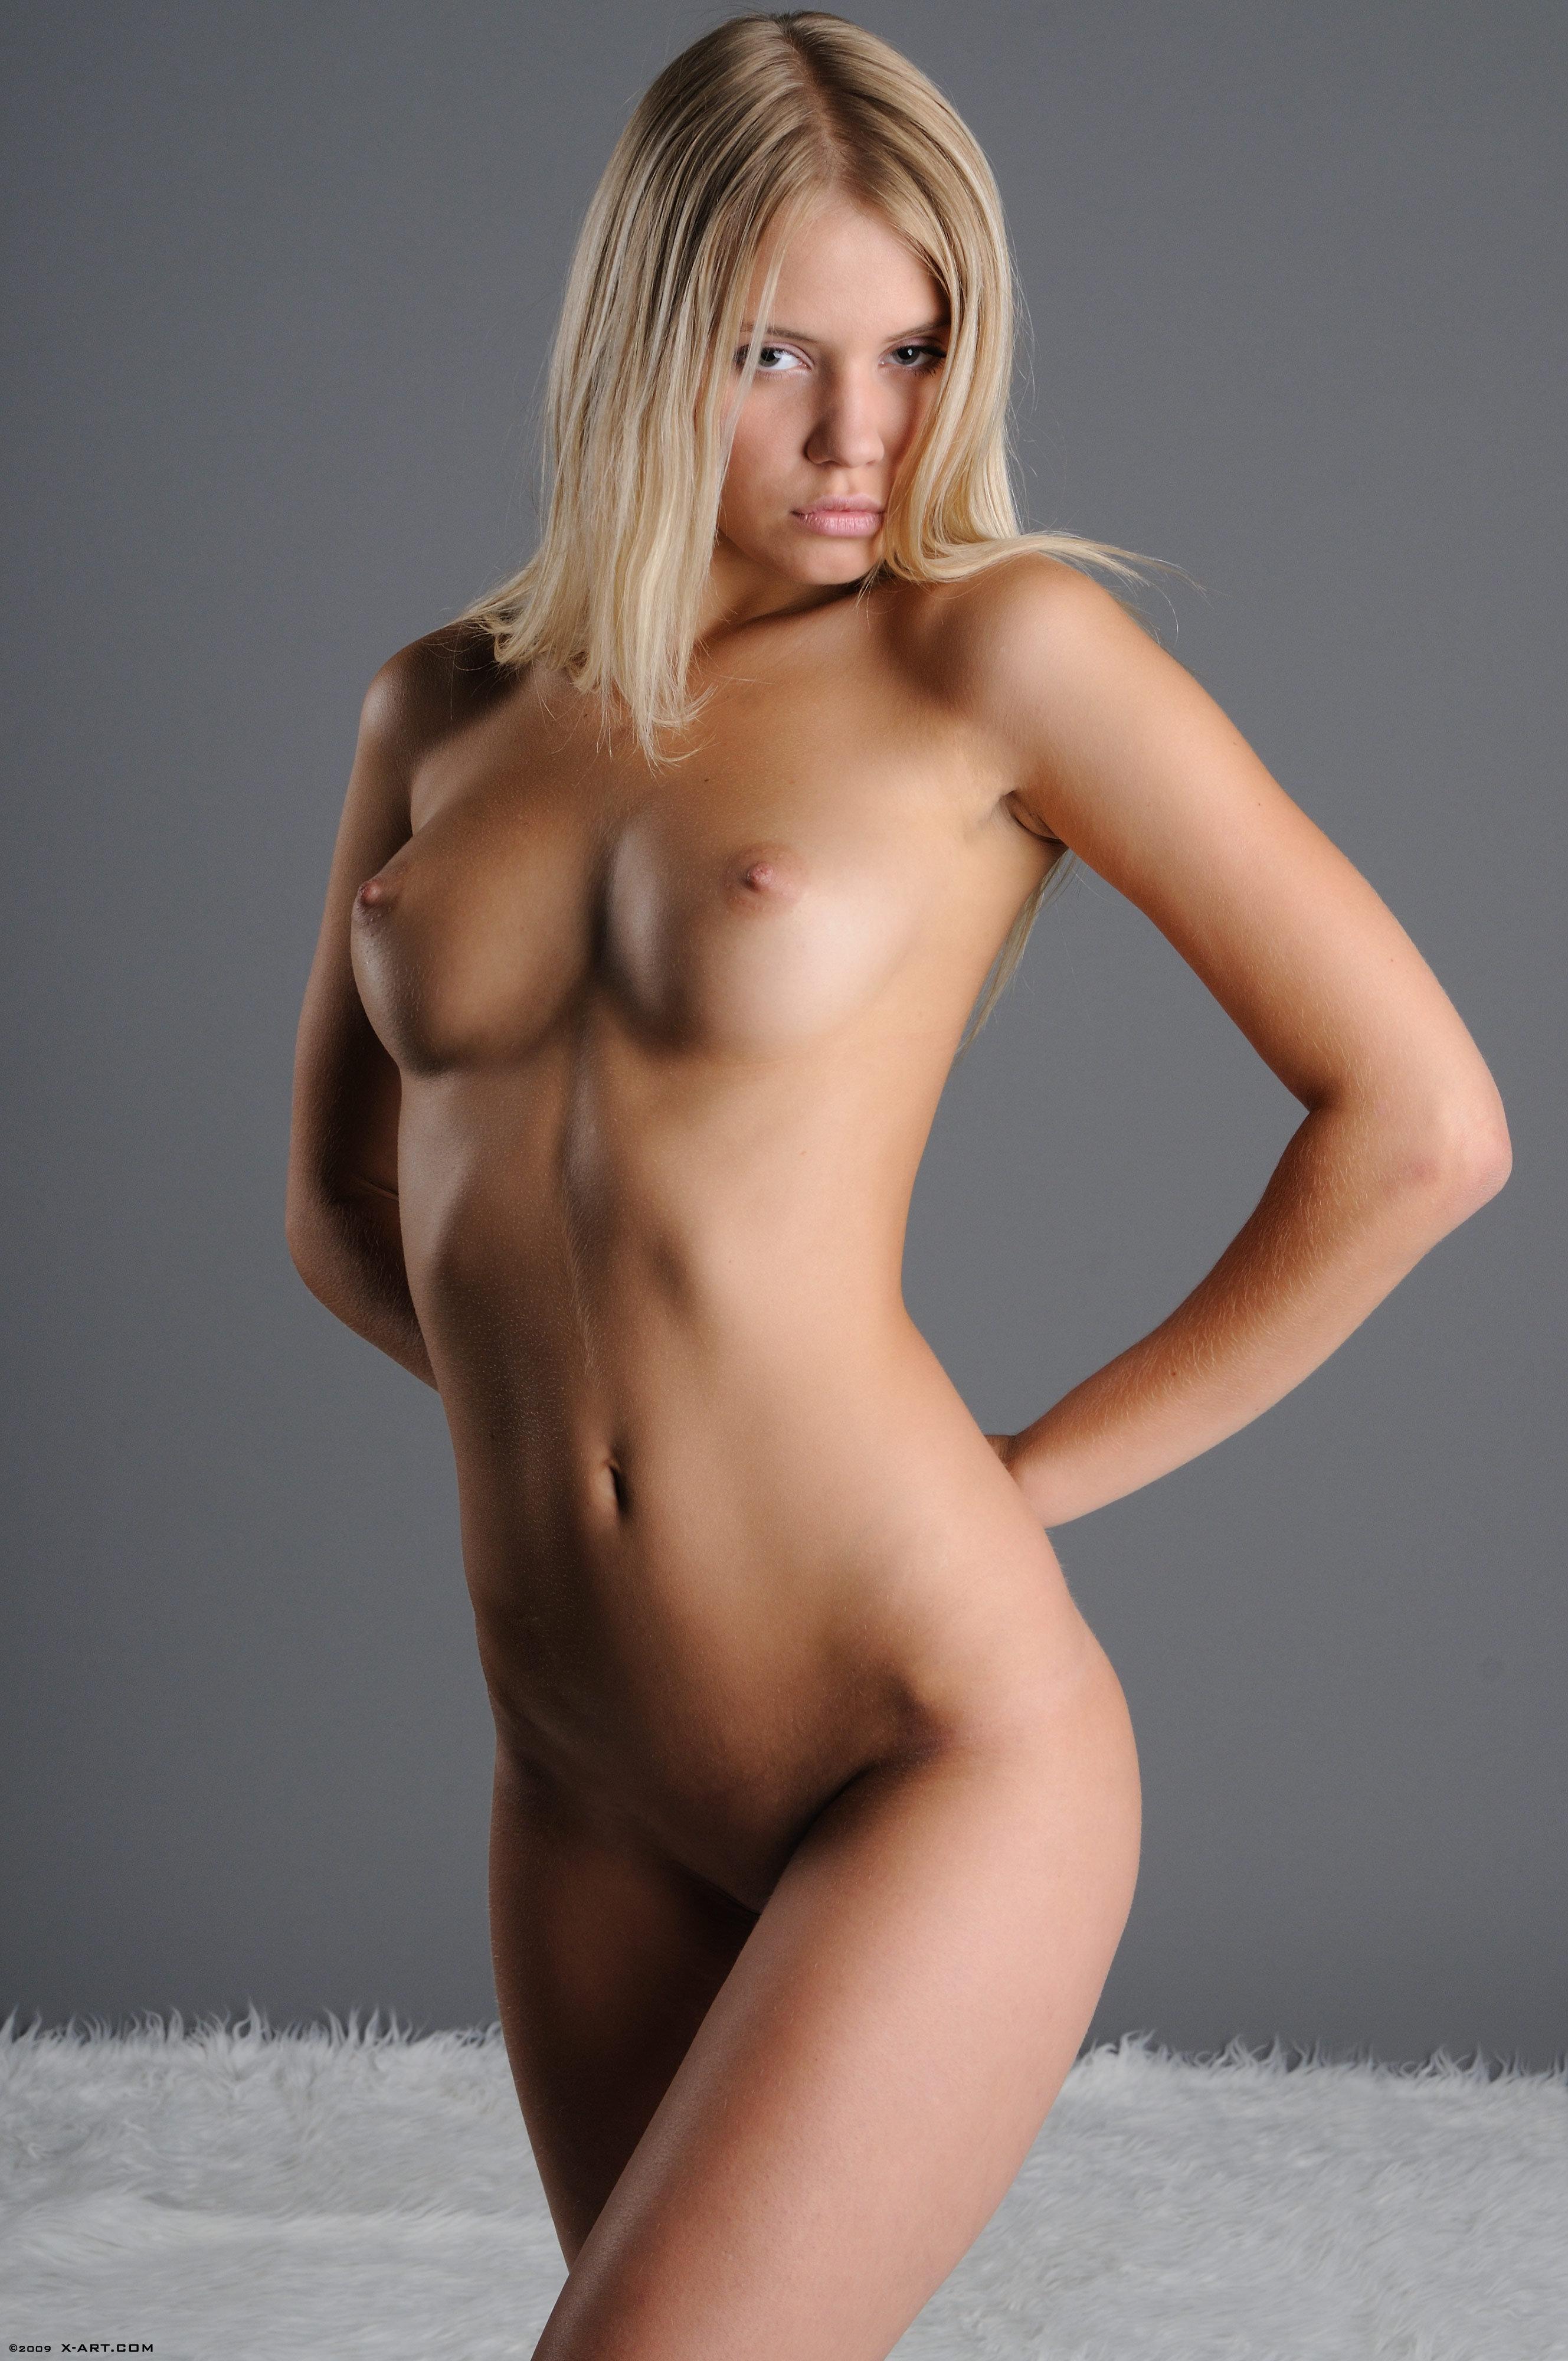 Фото голой блондинки за 30 14 фотография